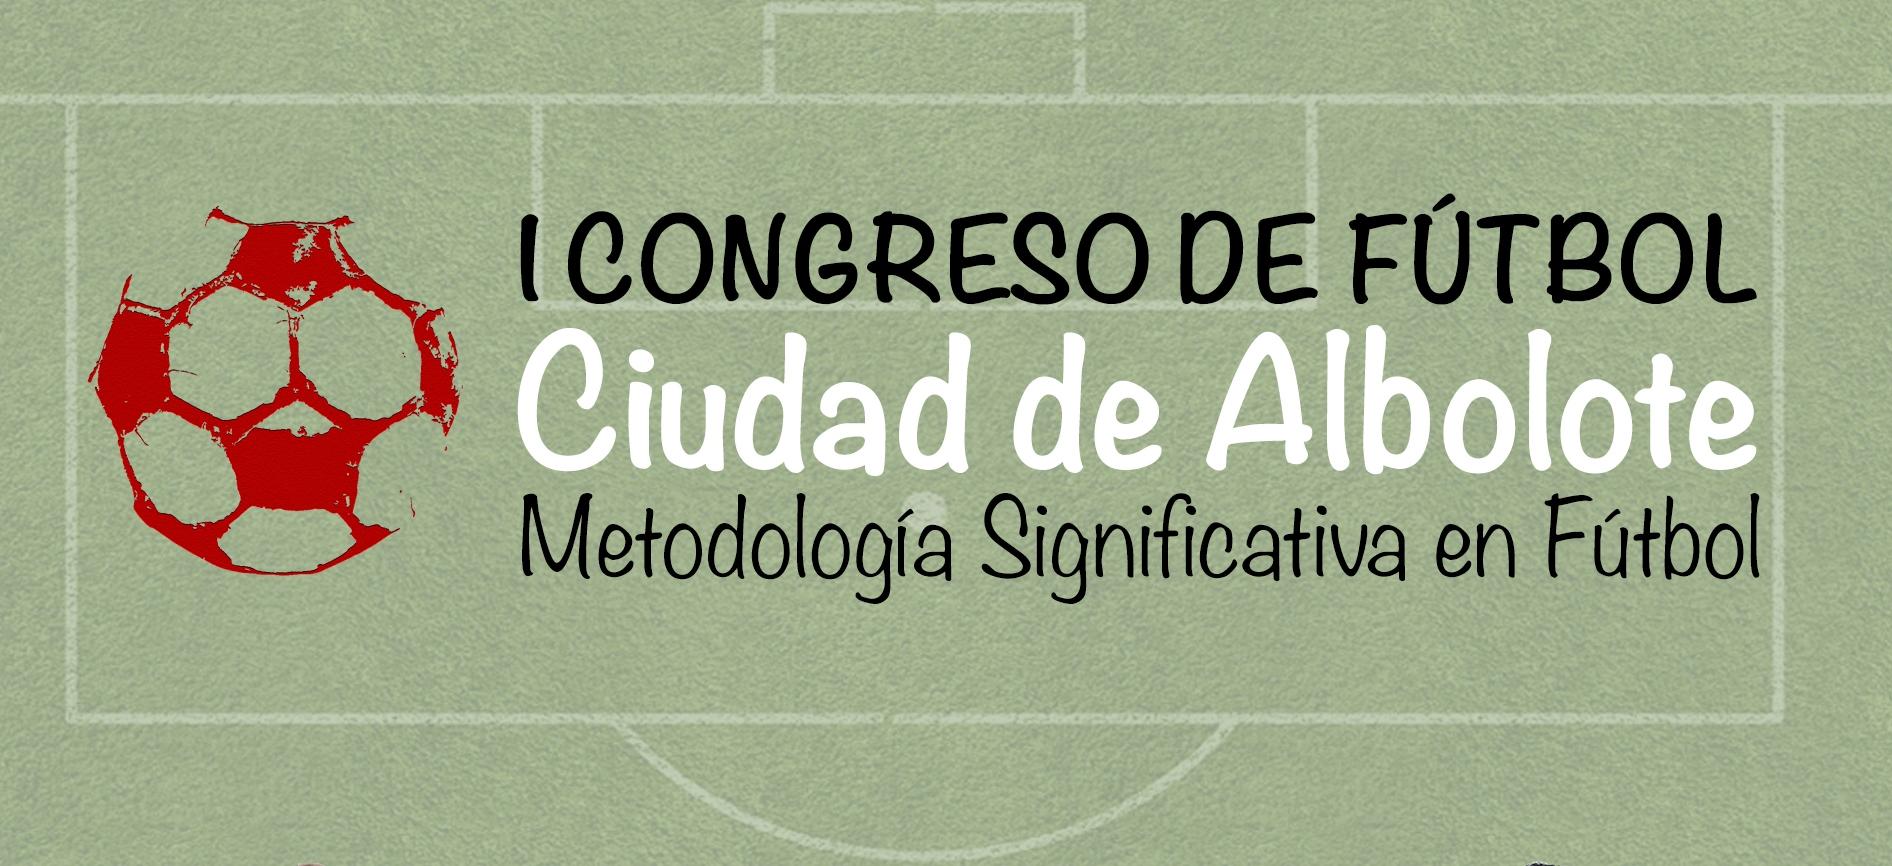 I Congreso de Fútbol Ciudad de Albolote